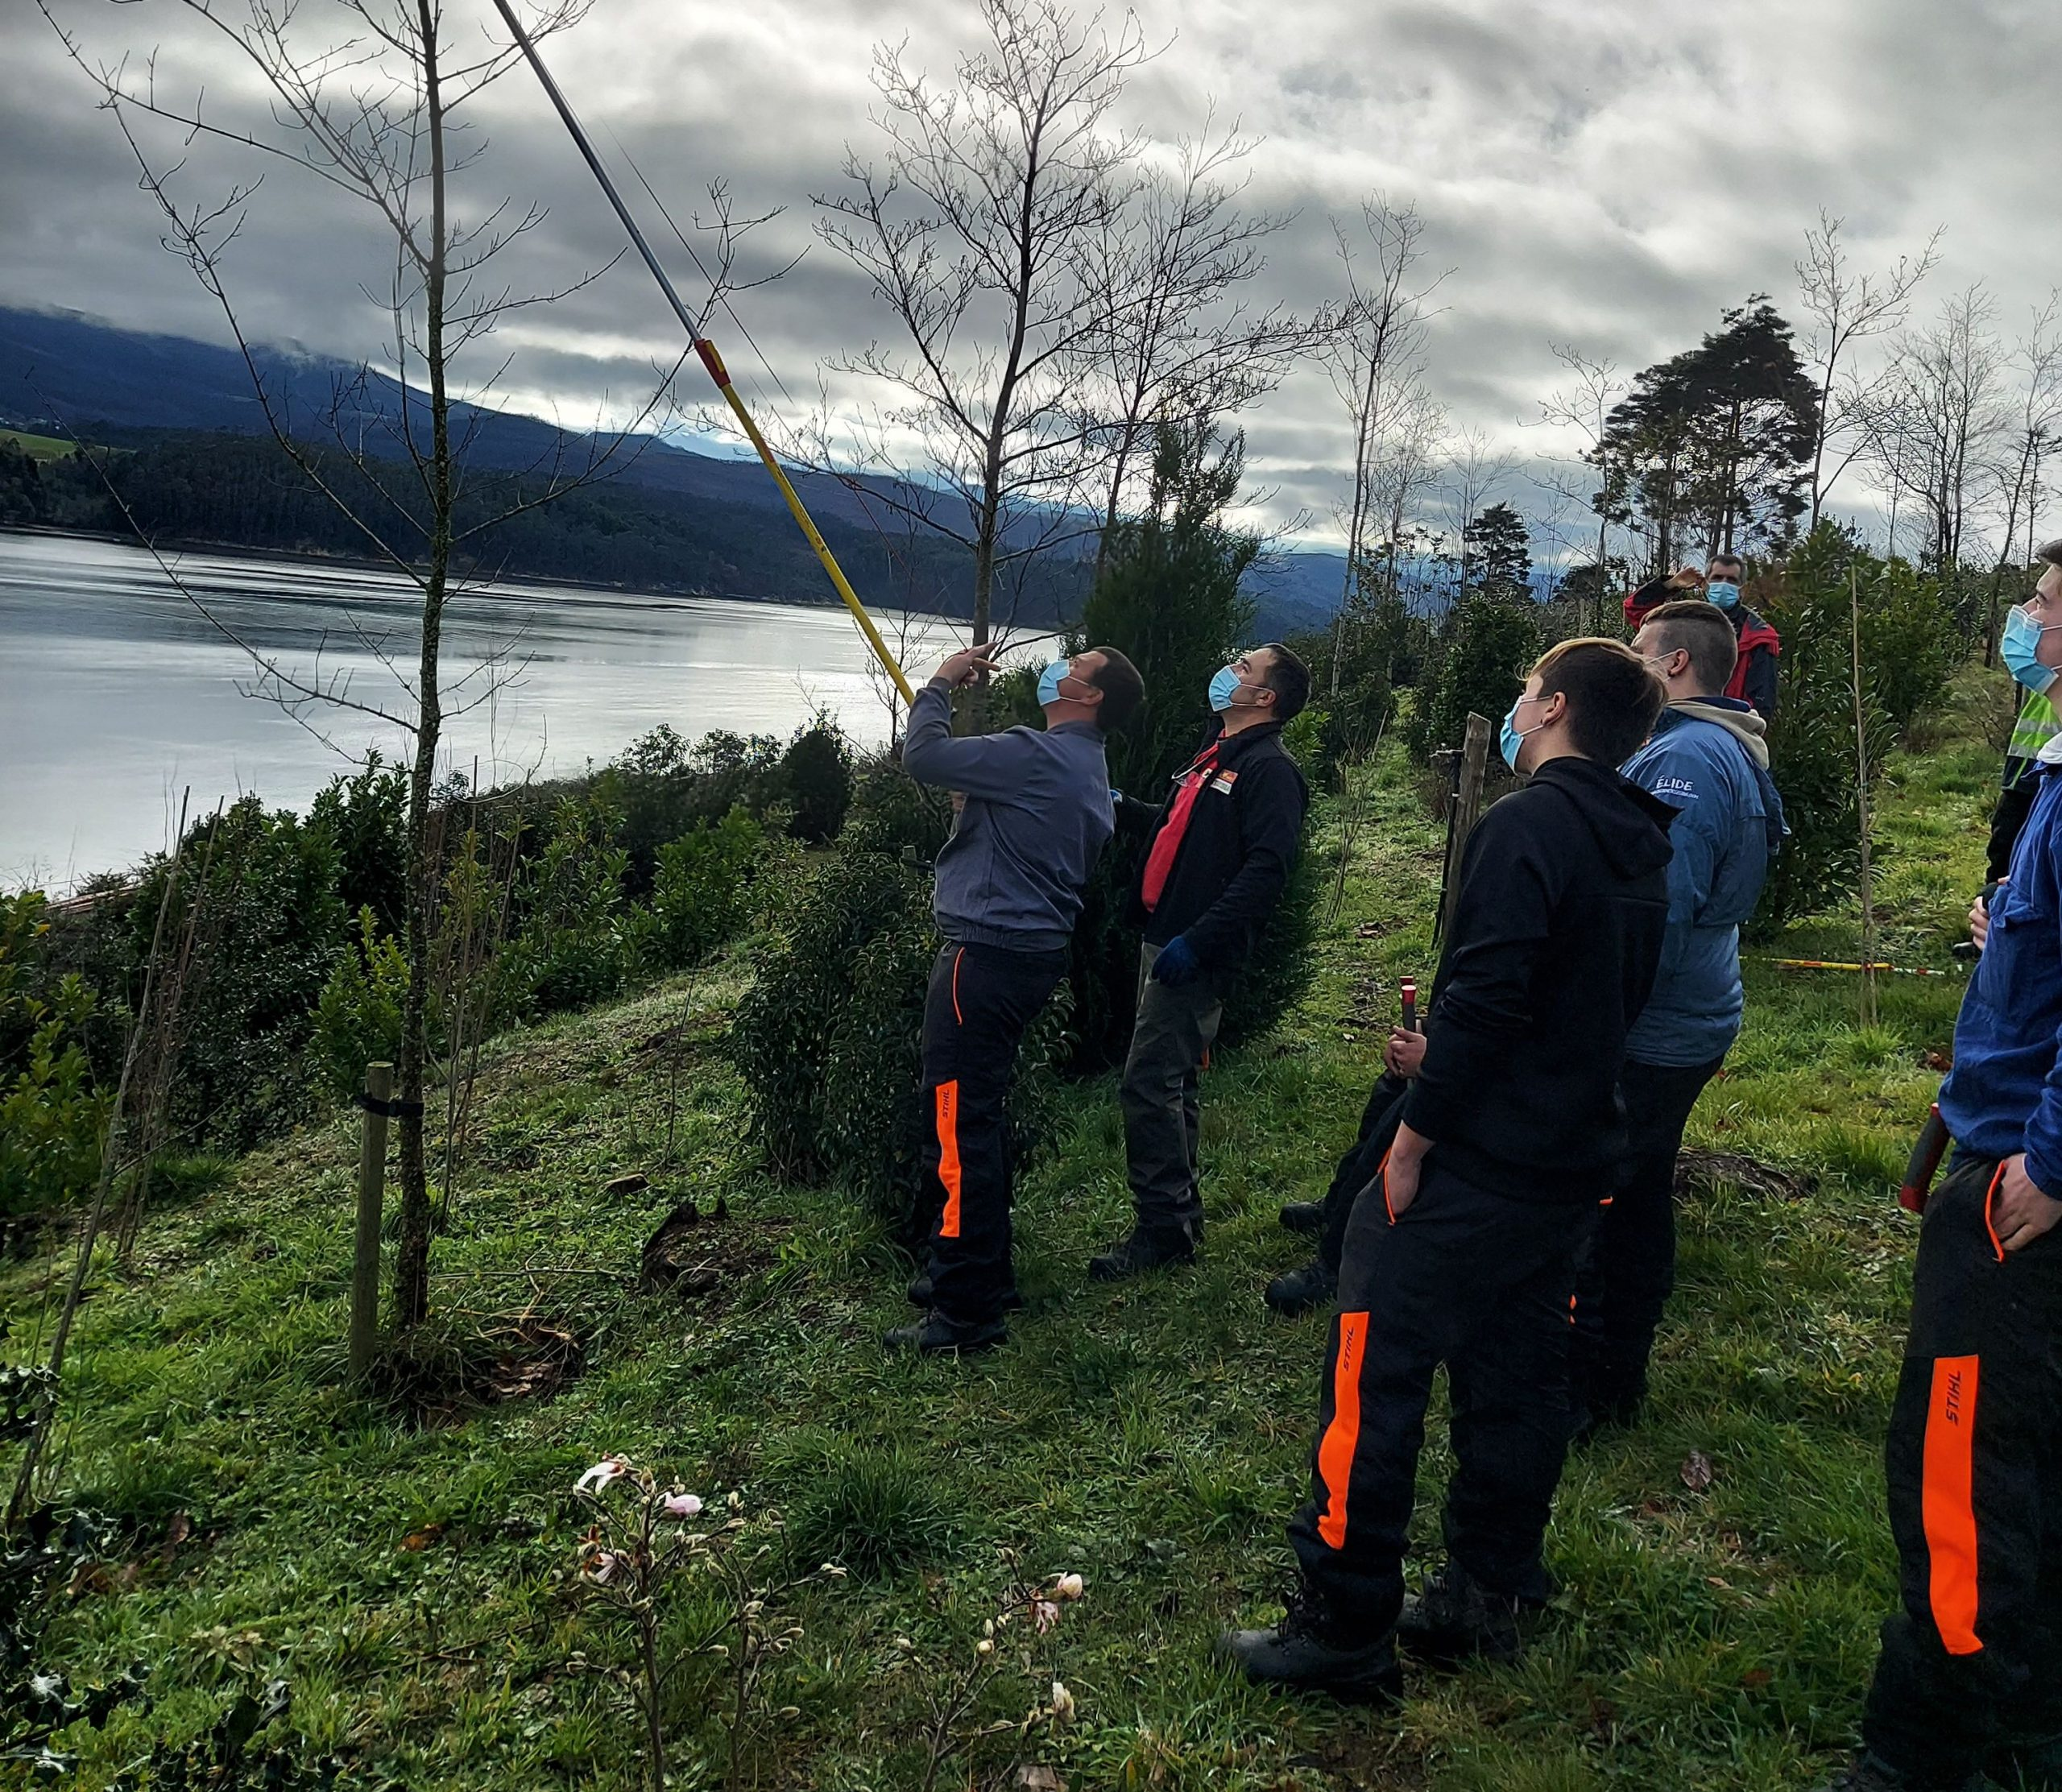 Alumnos do Centro de Formación e Experimentación Agroforestal Pedro Murias dependente da Xunta realizan prácticas nunha parcela de 23 hectáreas preto da ría de Ribadeo